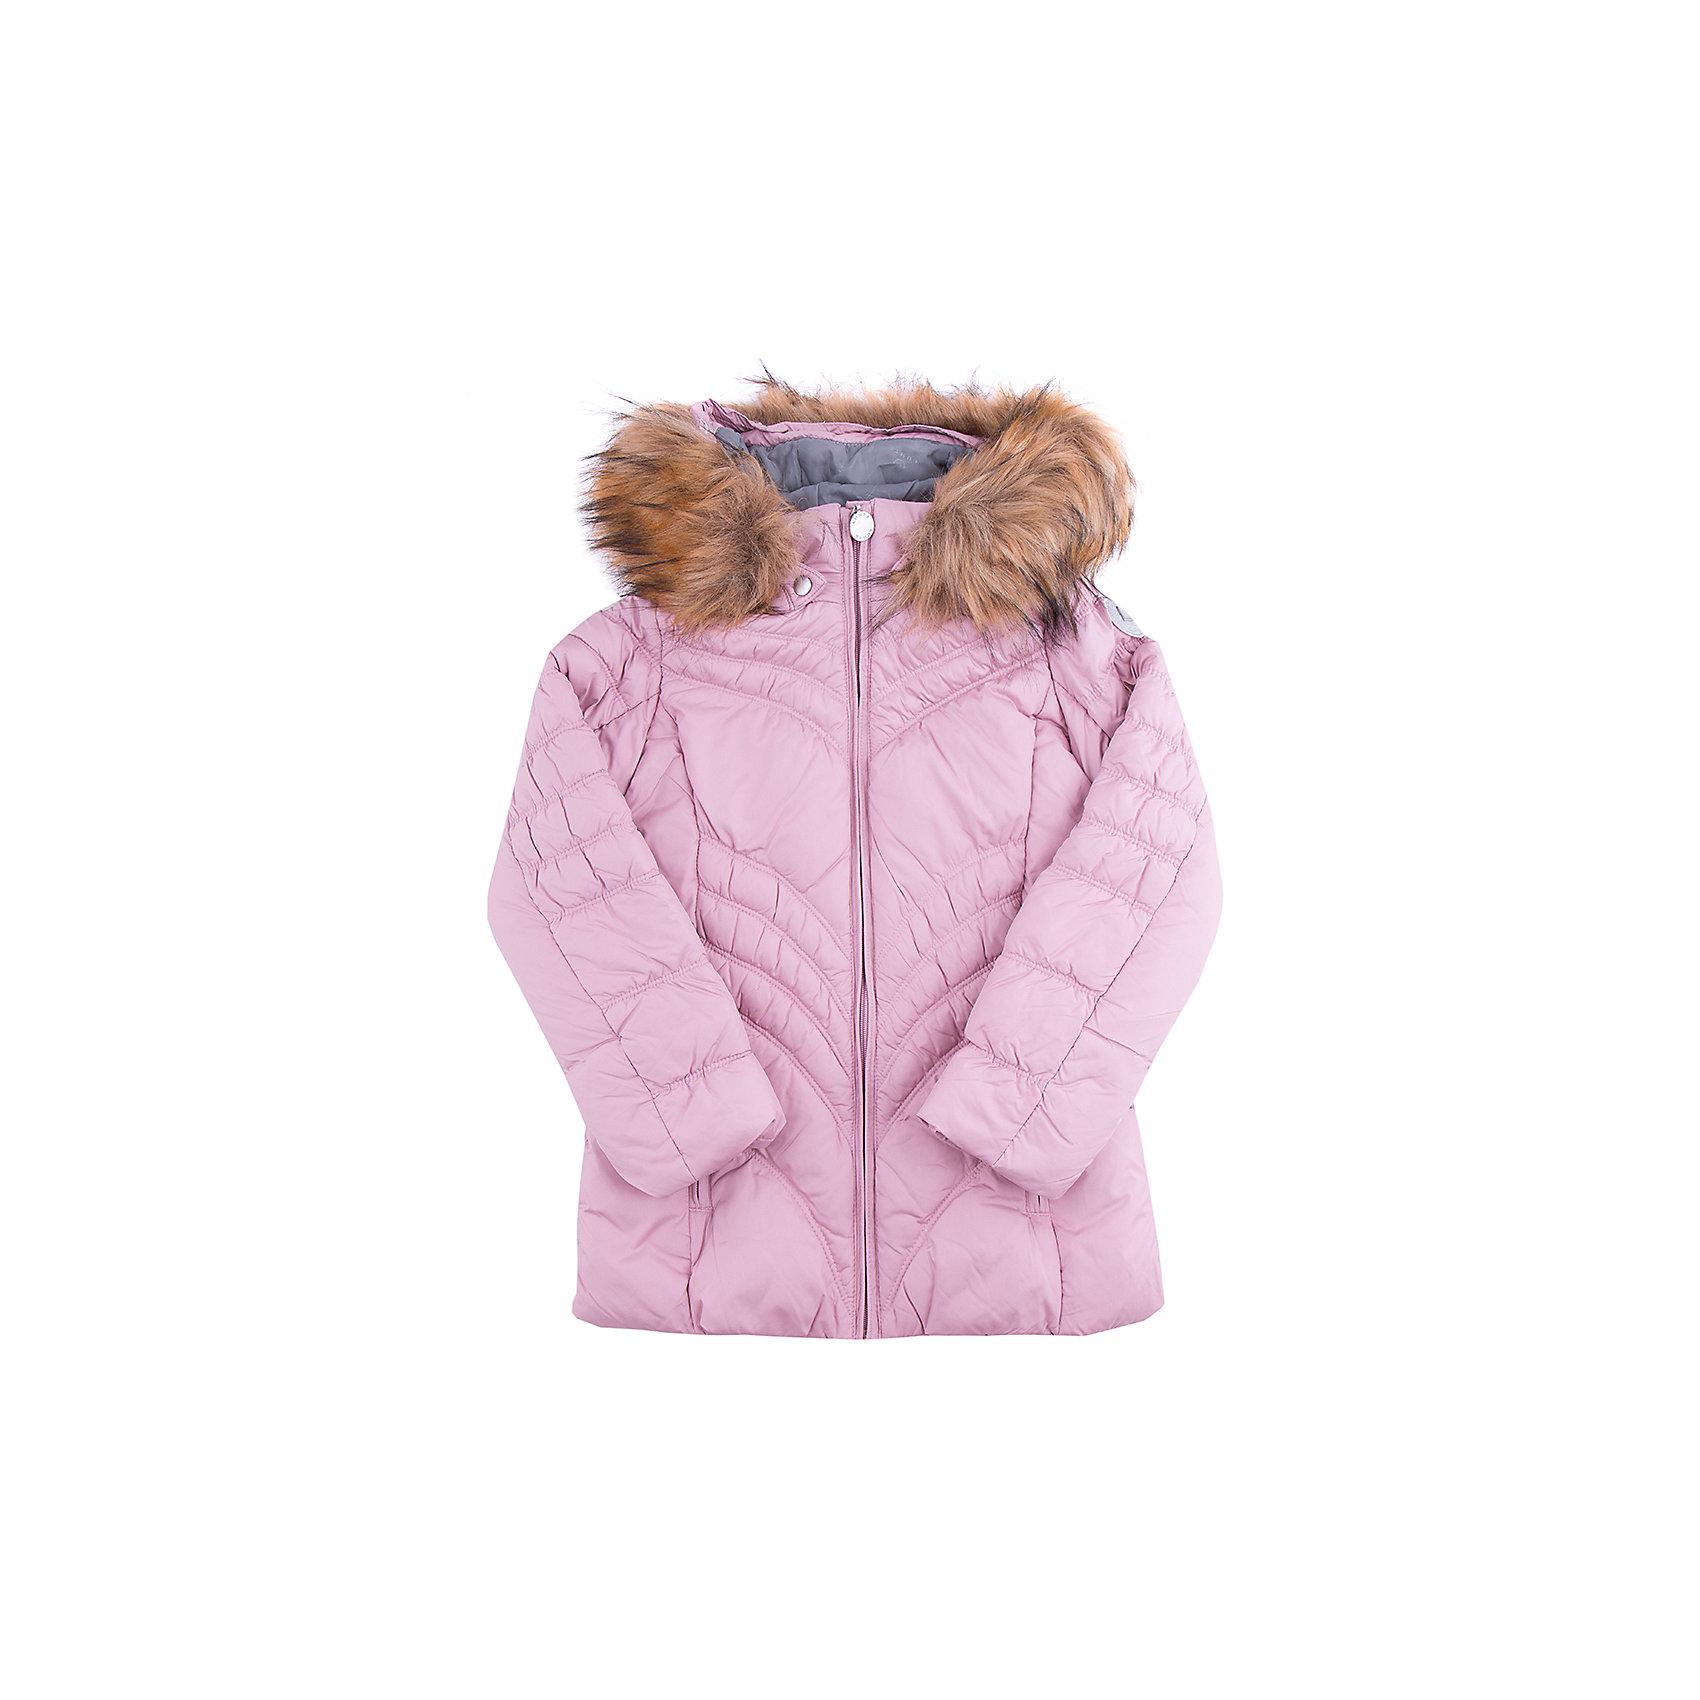 Куртка для девочки LUHTAКуртка для девочки LUHTA. <br><br>Состав: 100% полиэстер <br><br>Куртка с отстегивающимся капюшоном<br>Искусственный мех<br>Элегантный силуэт<br>Декоративная прострочка<br>Боковые карманы на молнии<br>Водоотталкивающее покрытие, <br>Утепление 280 гр., утеплитель 50% пух/перо, 50% искусственный утеплитель<br>Рекомендуемый температурный режим до -30 °.<br><br>Термометр, показывающий температуру внутри верхней одежды. <br><br>Технологии: <br>LUHTA WATER REPELLENT<br>Водоотталкивающая пропитка - долговременная, специально обработанная водоотталкивающими средствами ткань.<br>LUHTA SAFETY<br>Правила безопасности - изделия бренда LUHTA произведены в полном соответствии с требованиями безопасности для детей: отстегивающийся капюшон, безопасная утягивающаяся тесьма в кармашках, светоотражатели.<br> LUHTA TEMPERATURE CONTROL<br>Система термоконтроля - позволяет проверить температуру тела вашего ребенка по встроенному в одежду термометру. Этот термометр показывает температуру внутри куртки - от 22 до 32 - зона комфорта. Информация носит рекоментательный характер. <br>LUHTA DOWN MIX<br>DownMix - идеальное сочетанием пуха (50%) и утеплителя (50%). Инновационный утеплитель DownMix представляет собой уникальный баланс этих двух материалов, позволяя сохранить тепло и обеспечить максимальный комфорт.<br>LUHTA -30<br>Температурный режим -30 °. Носит рекомендательный характер. Ощущение тепла и холода носят субъективный характер и зависят от индивидуальных особенностей ребенка.<br>Reflectors<br>Эффективные светоотражатели позволят чувствовать себя в безопасности в любых погодных условиях, особенно в темное время суток.<br><br>Ширина мм: 356<br>Глубина мм: 10<br>Высота мм: 245<br>Вес г: 519<br>Цвет: розовый<br>Возраст от месяцев: 120<br>Возраст до месяцев: 132<br>Пол: Женский<br>Возраст: Детский<br>Размер: 146,158,152,134,164,140<br>SKU: 4219940